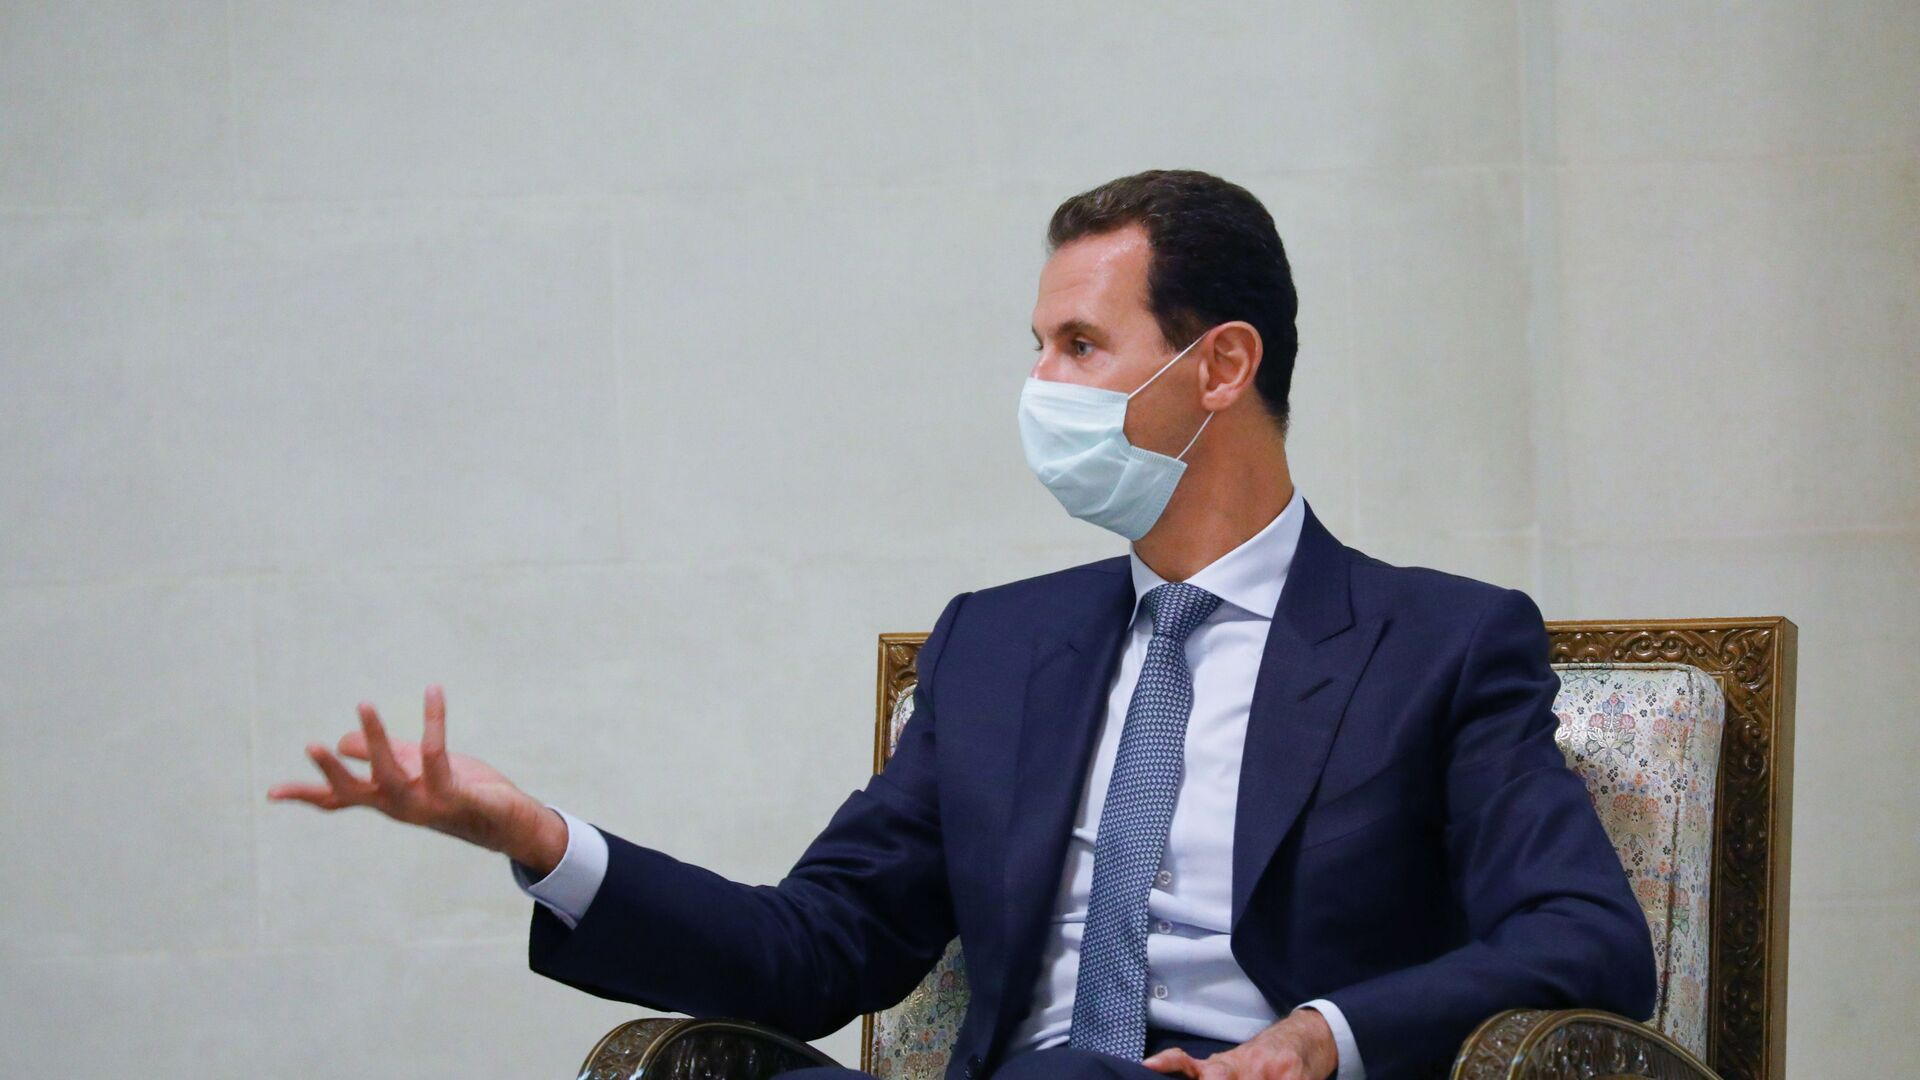 Syrský prezident Bašár Asad - Sputnik Česká republika, 1920, 08.03.2021